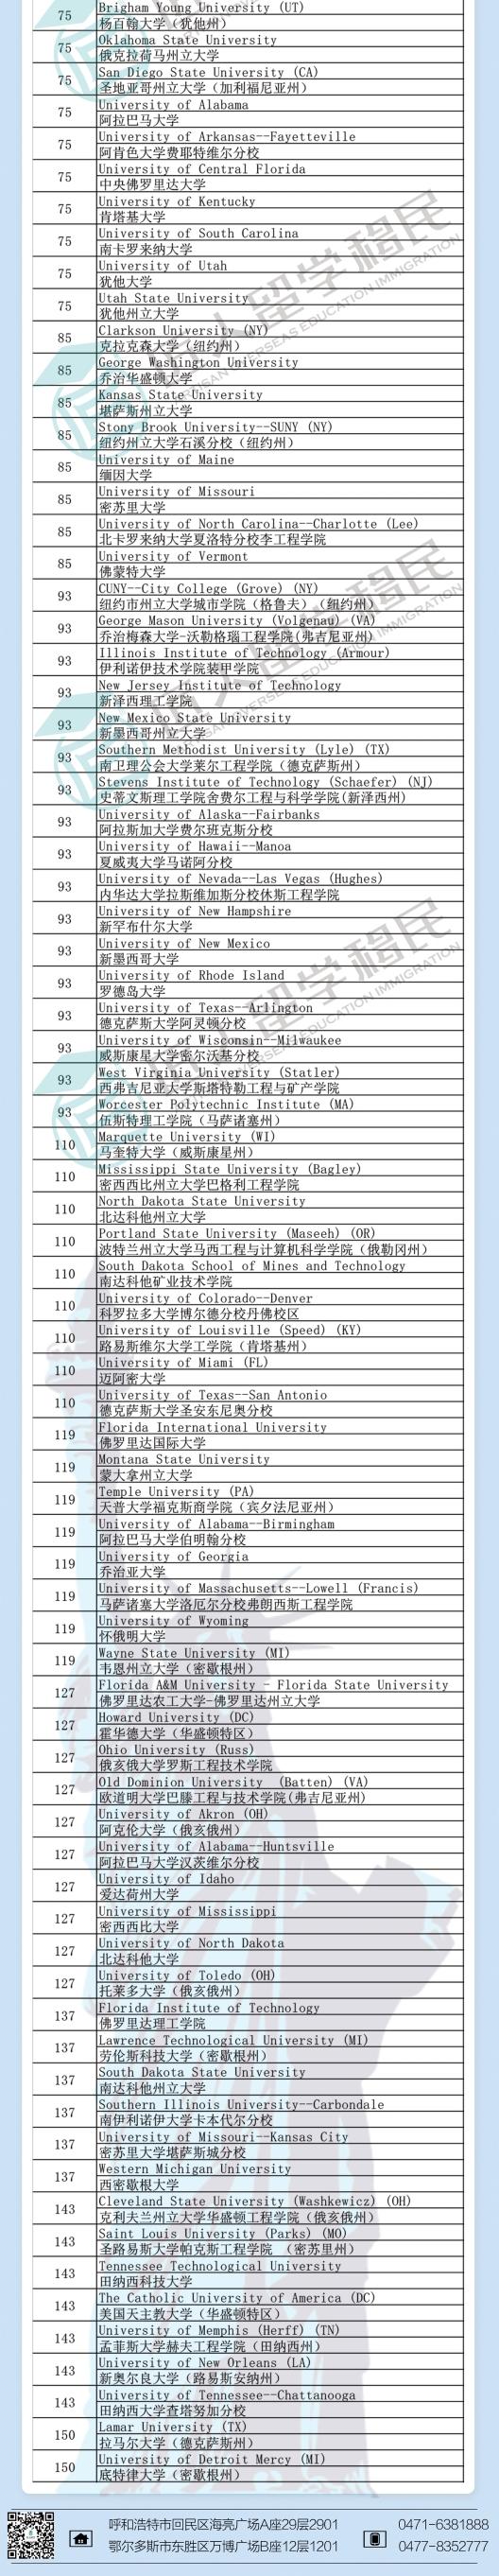 2021年度U.S.News土木工程排名